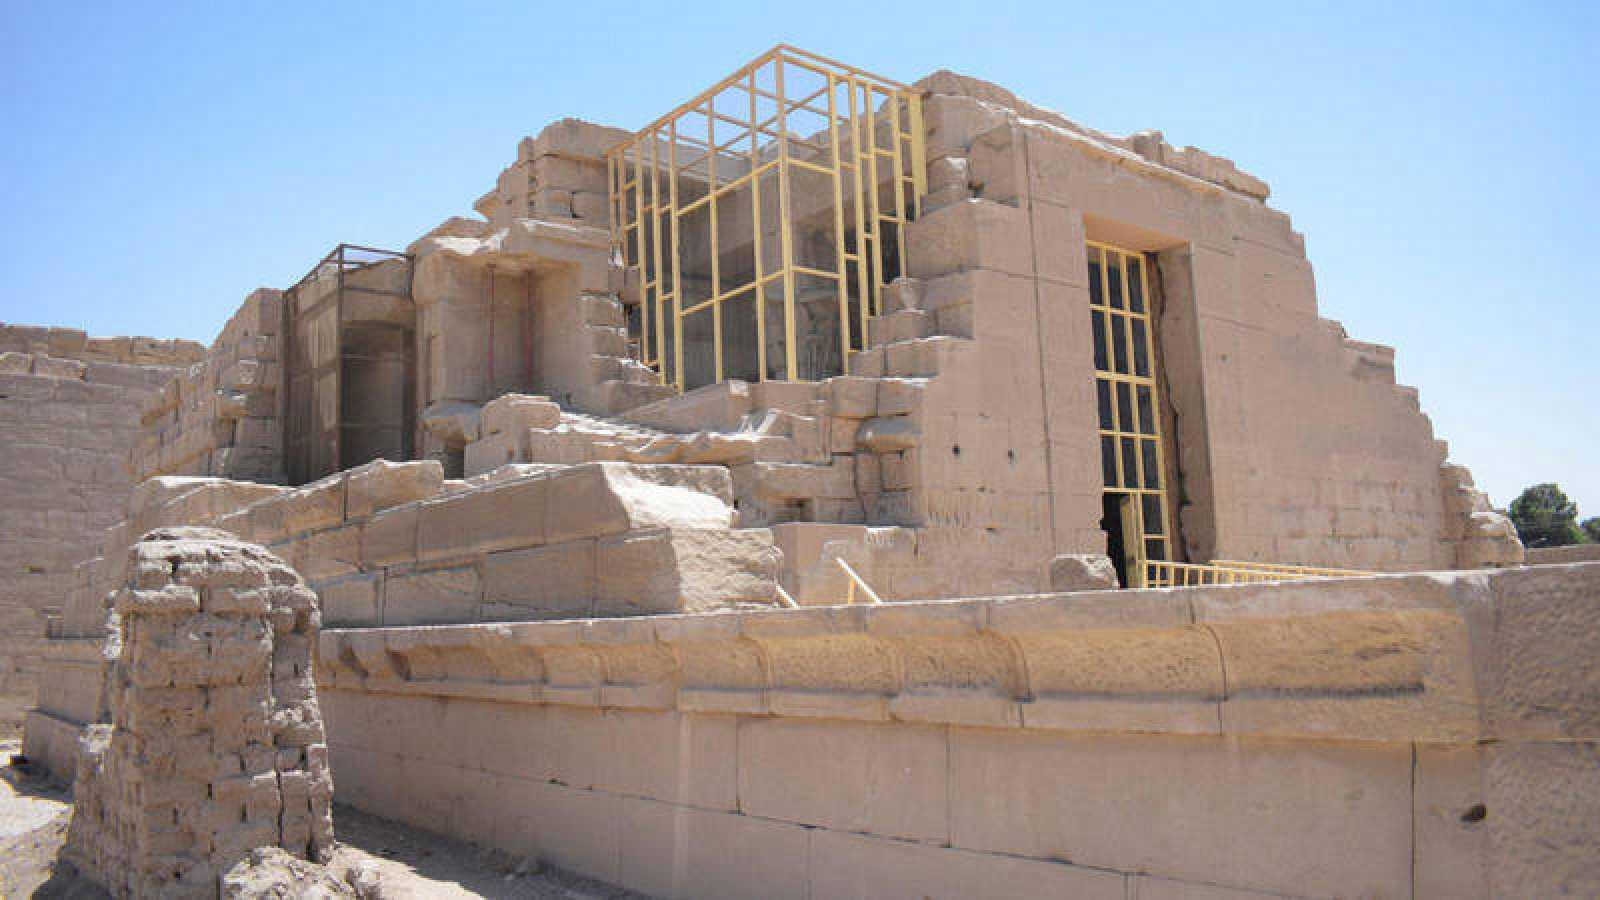 Vista del Templo de Opet, ubicado dentro del complejo faraónico de Karnak en la ciudad monumental de Luxor